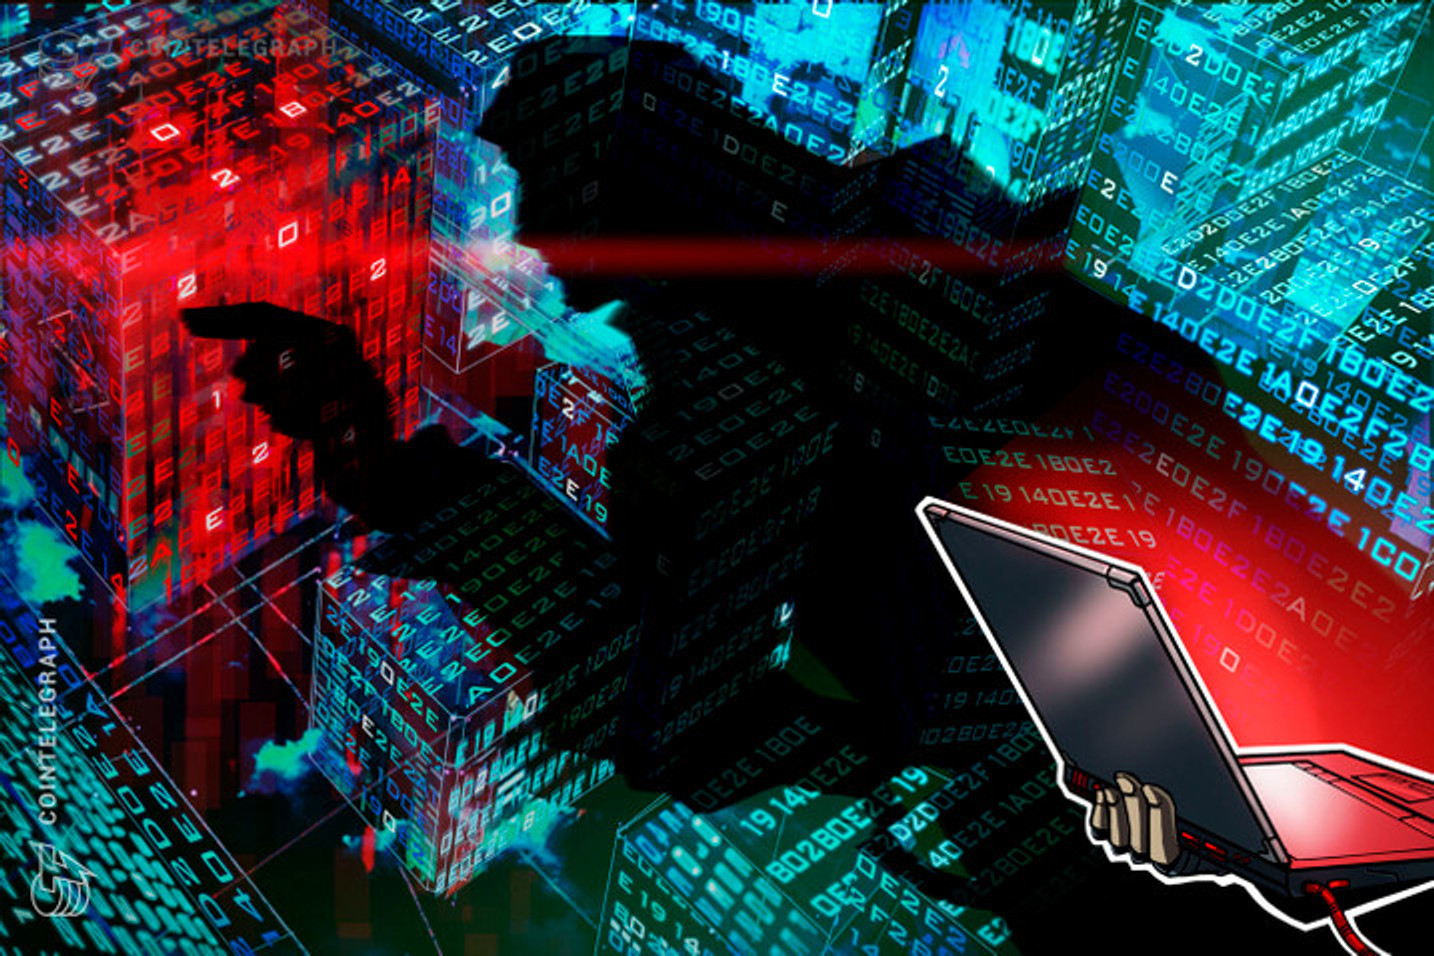 S2 Grupo y Cryptonics lanzan sello de calidad de ciberseguridad en blockchain para empresas